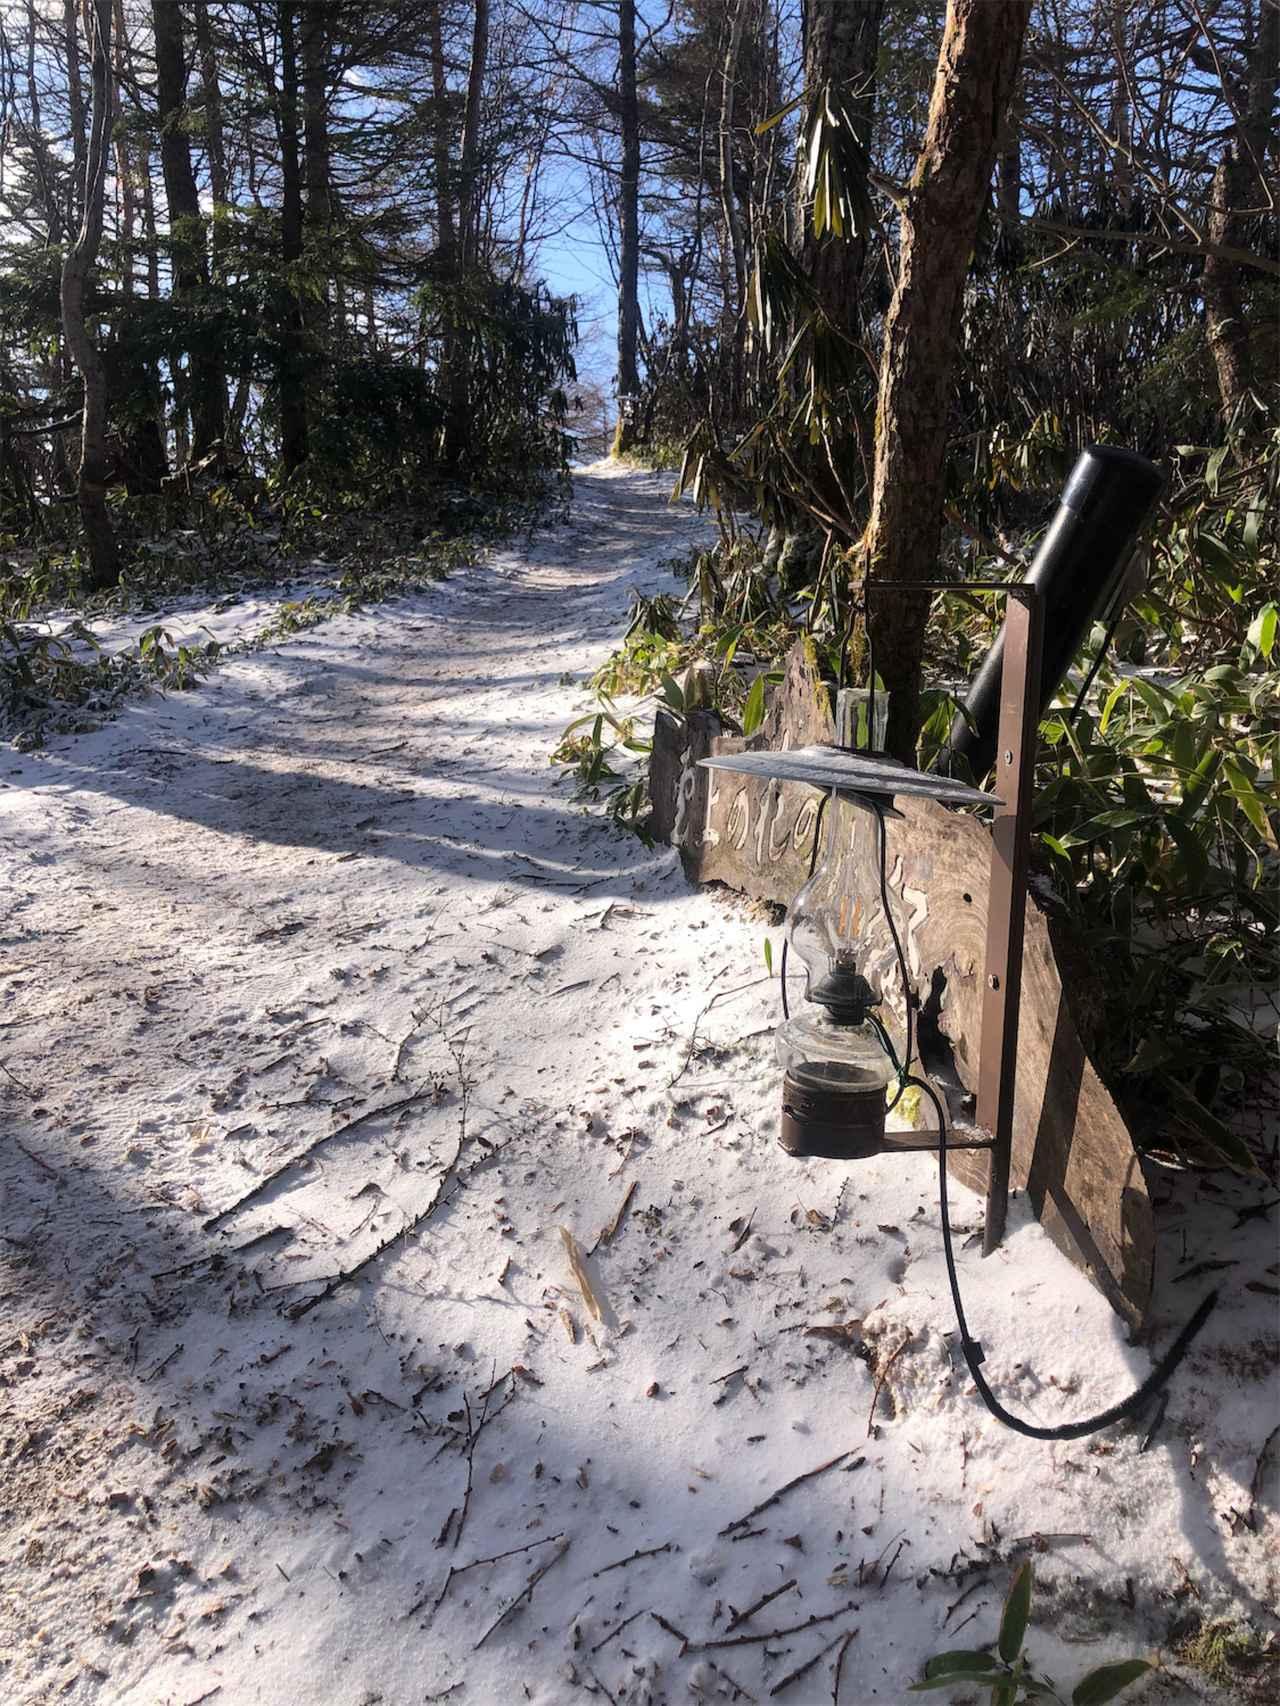 画像1: 標高2000mの林道で春の雪? 雲上の野天風呂を目指してダートを駆けあがる!【三橋淳のアフリカツイン・トリップ】